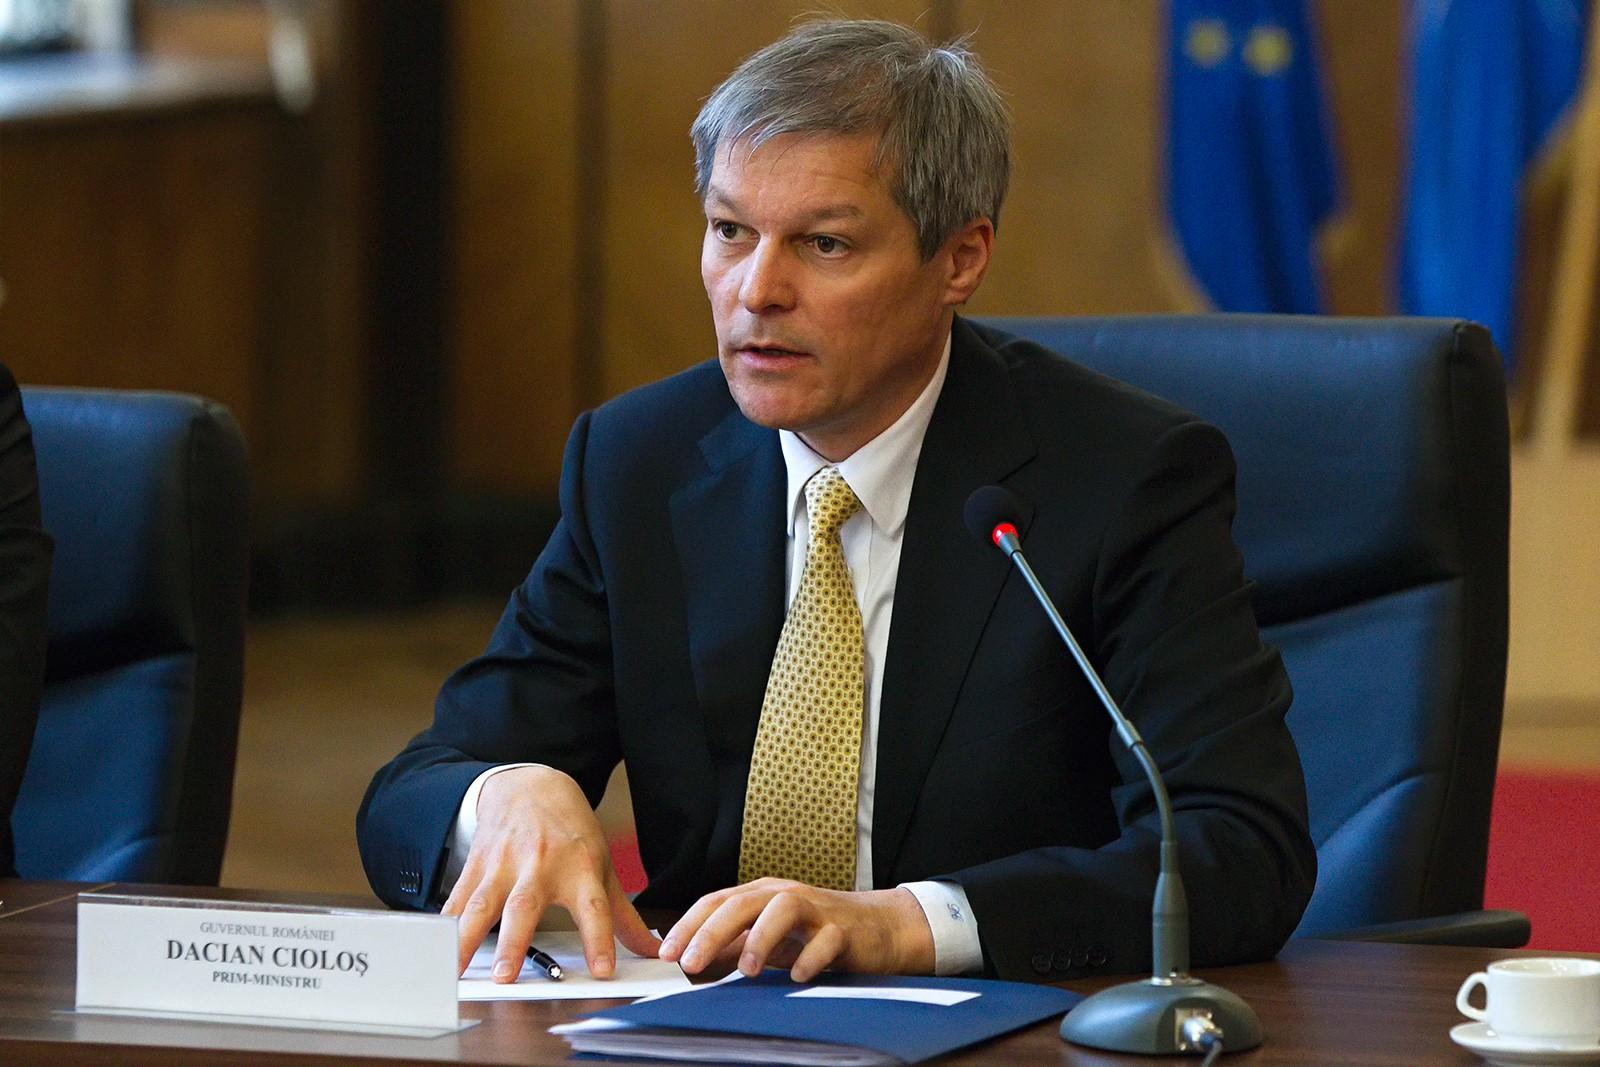 Združeni politični skupini pod novim imenom od leta 2019 predseduje romunski predstavnik Dacian Cioloş, za katerega je to tudi prvi mandat v Evropskem parlamentu.